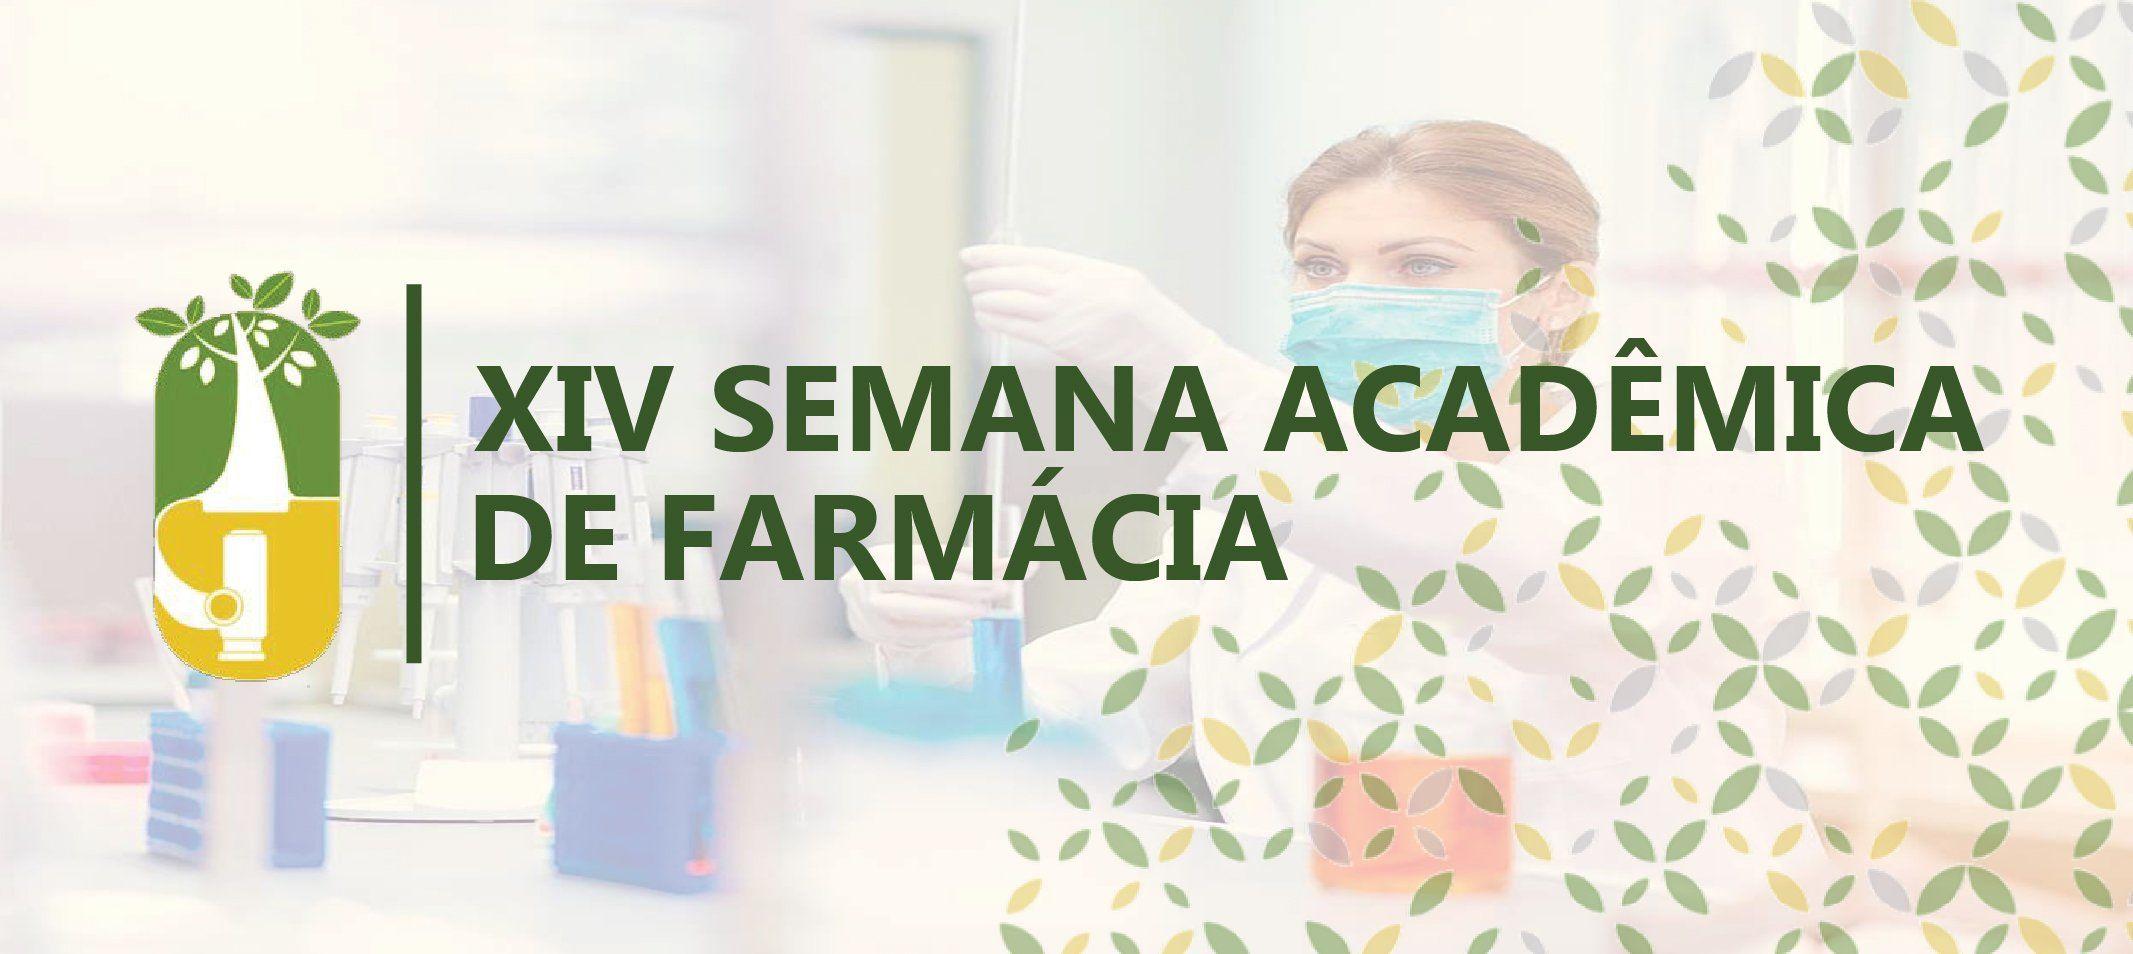 Evento celebra os 10 anos das Ciências Farmacêuticas no Amazonas